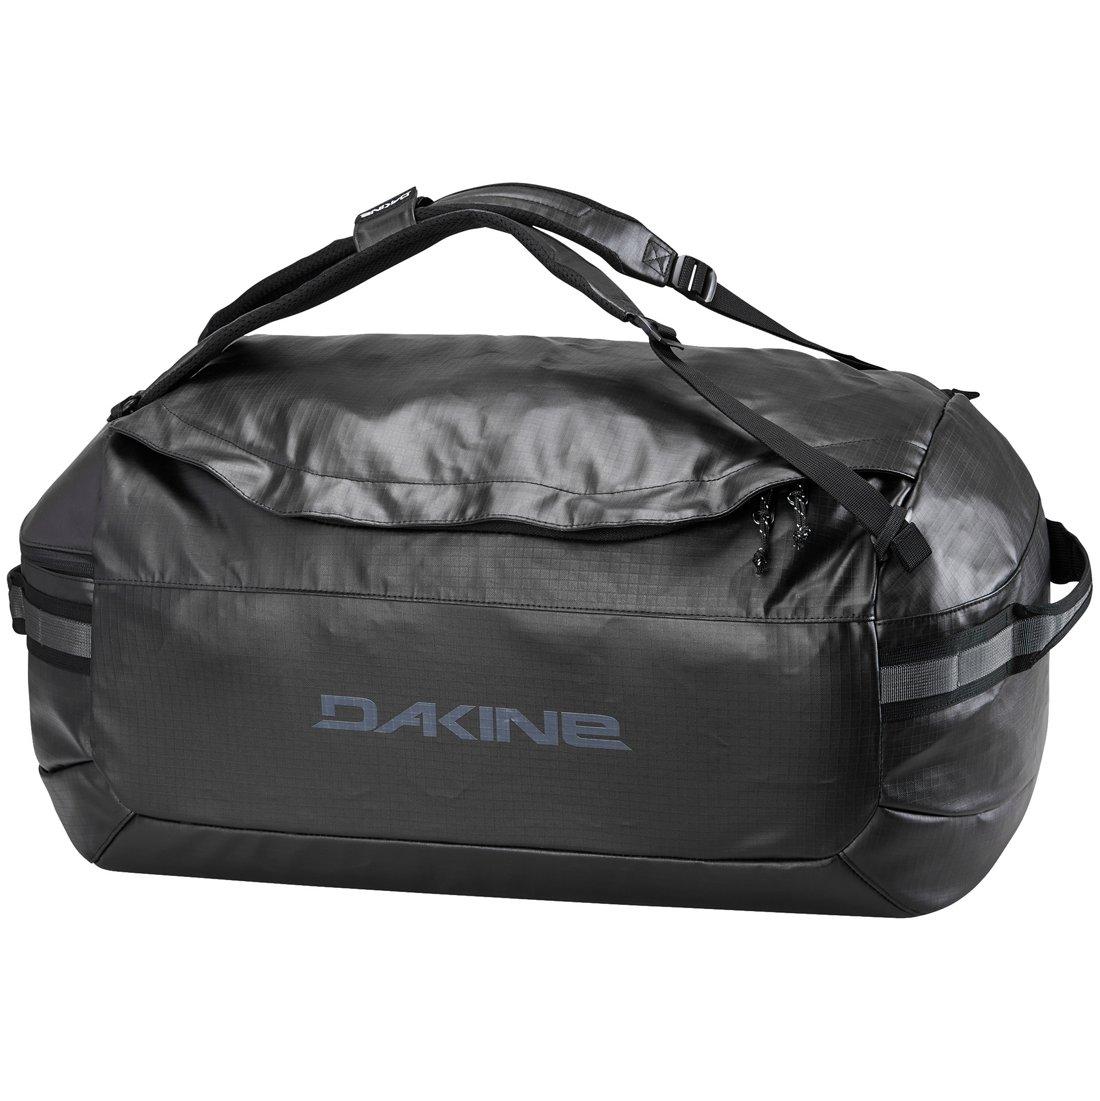 446ad831801f9 Dakine Packs   Bags Ranger Duffle 90L Reisetasche 74 cm - koffer ...